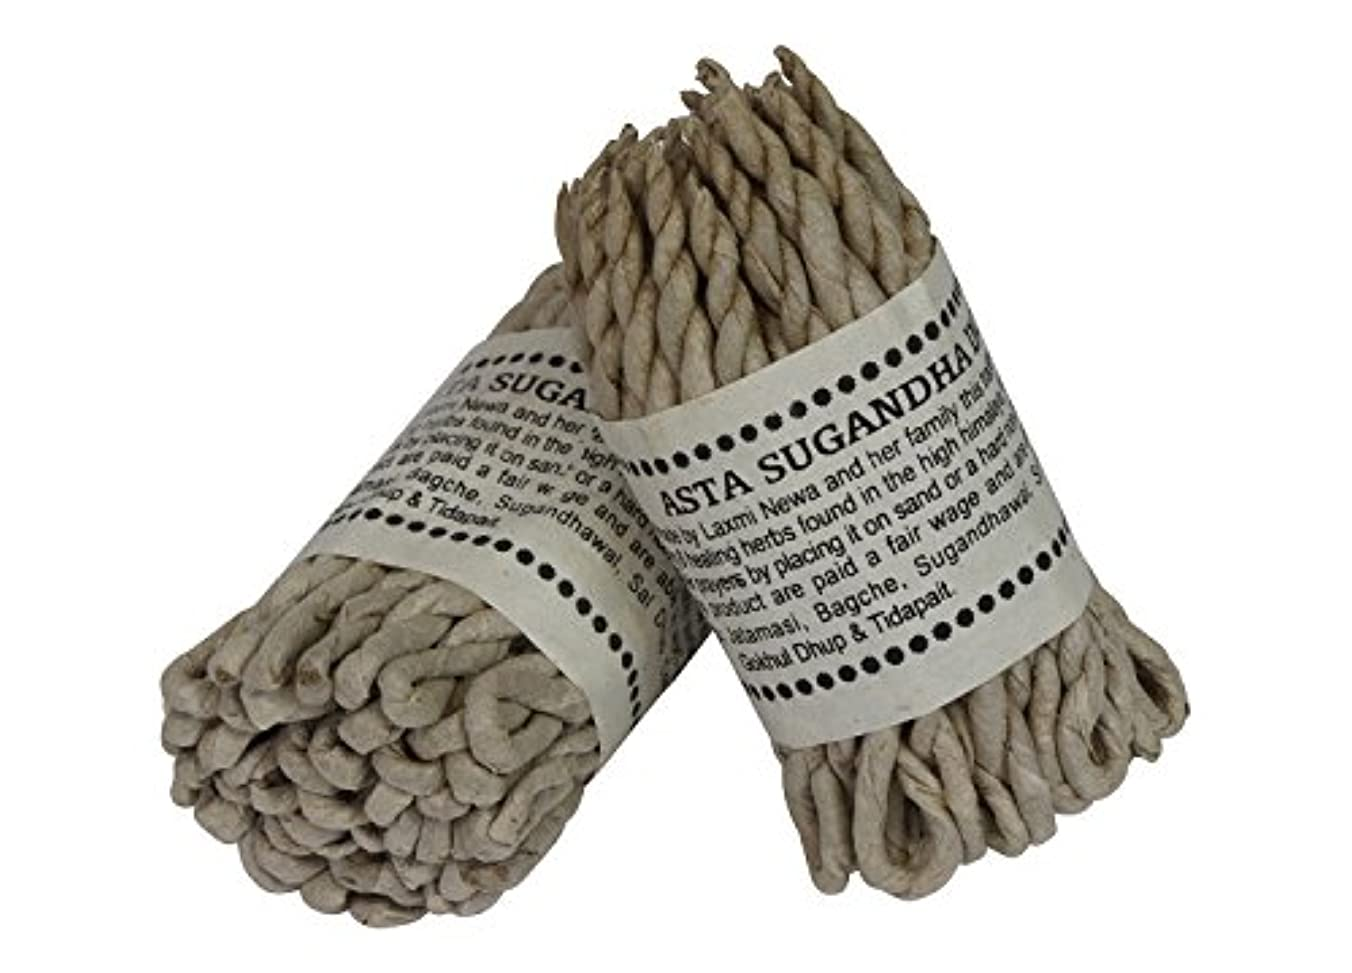 従者規定のりネパール語Rope Incense with有機ハーブハンドメイドネパールからのバンドル2 ( 2 )